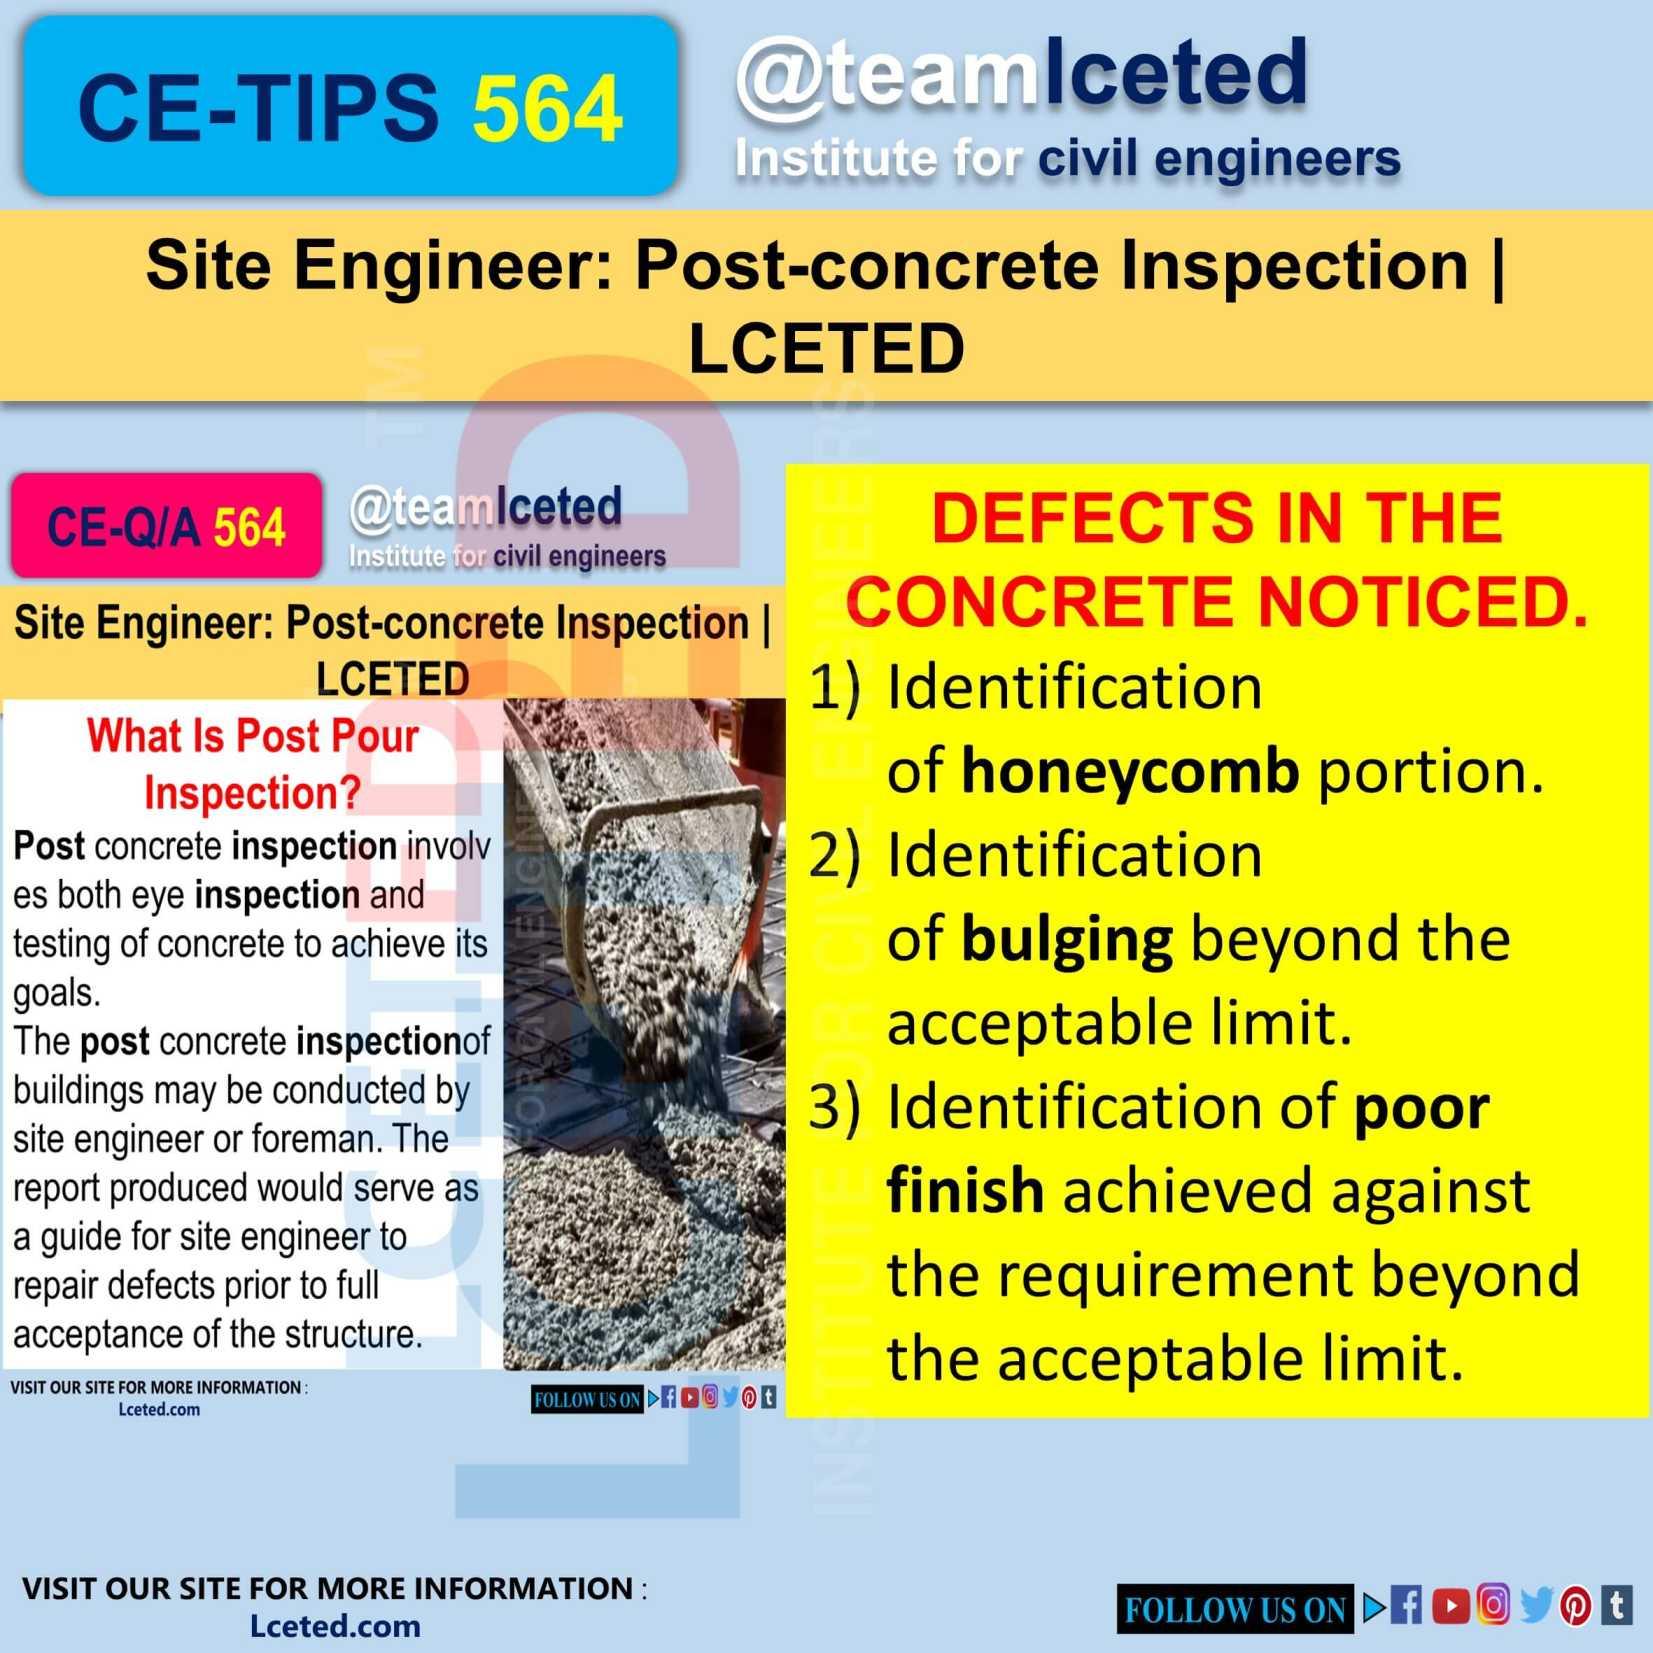 Post-concrete Inspection